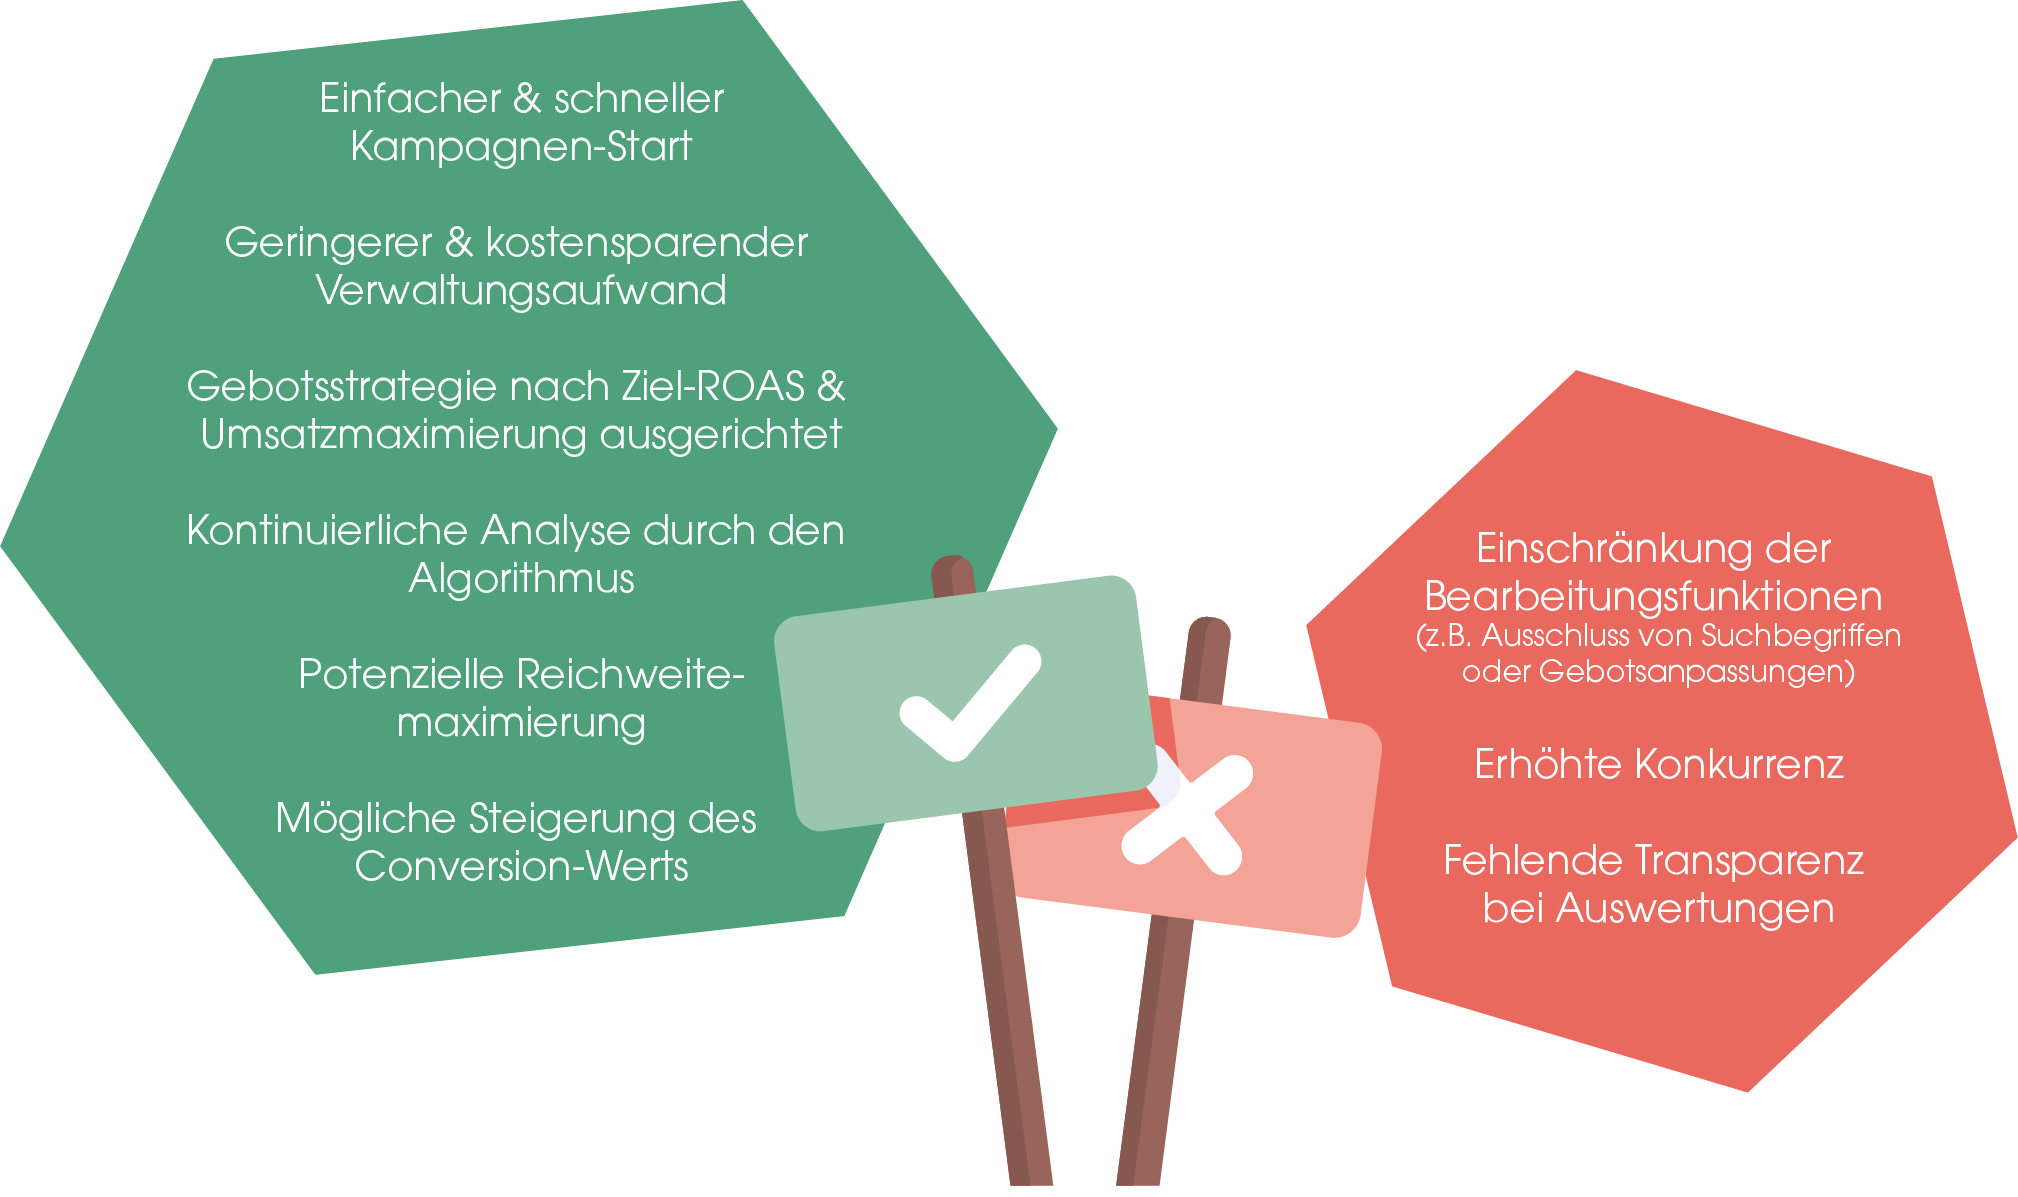 Vorteile: - Einfacher & schneller Kampagnen-Start - Geringerer & kostensparender Verwaltungsaufwand - Gebotsstrategie nach Ziel-ROAS & Umsatzmaximierung ausgerichtet - Kontinuierliche Analyse durch den Algorithmus - Potenzielle Reichweitemaximierung - Mögliche Steigerung des Conversion-Werts  Nachteile: - Einschränkung der Bearbeitungsfunktion (z. B. Ausschluss von Suchbegriffen oder Gebotsanpassungen) - Erhöhte Konkurrenz - Fehlende Transparenz bei Auswertungen